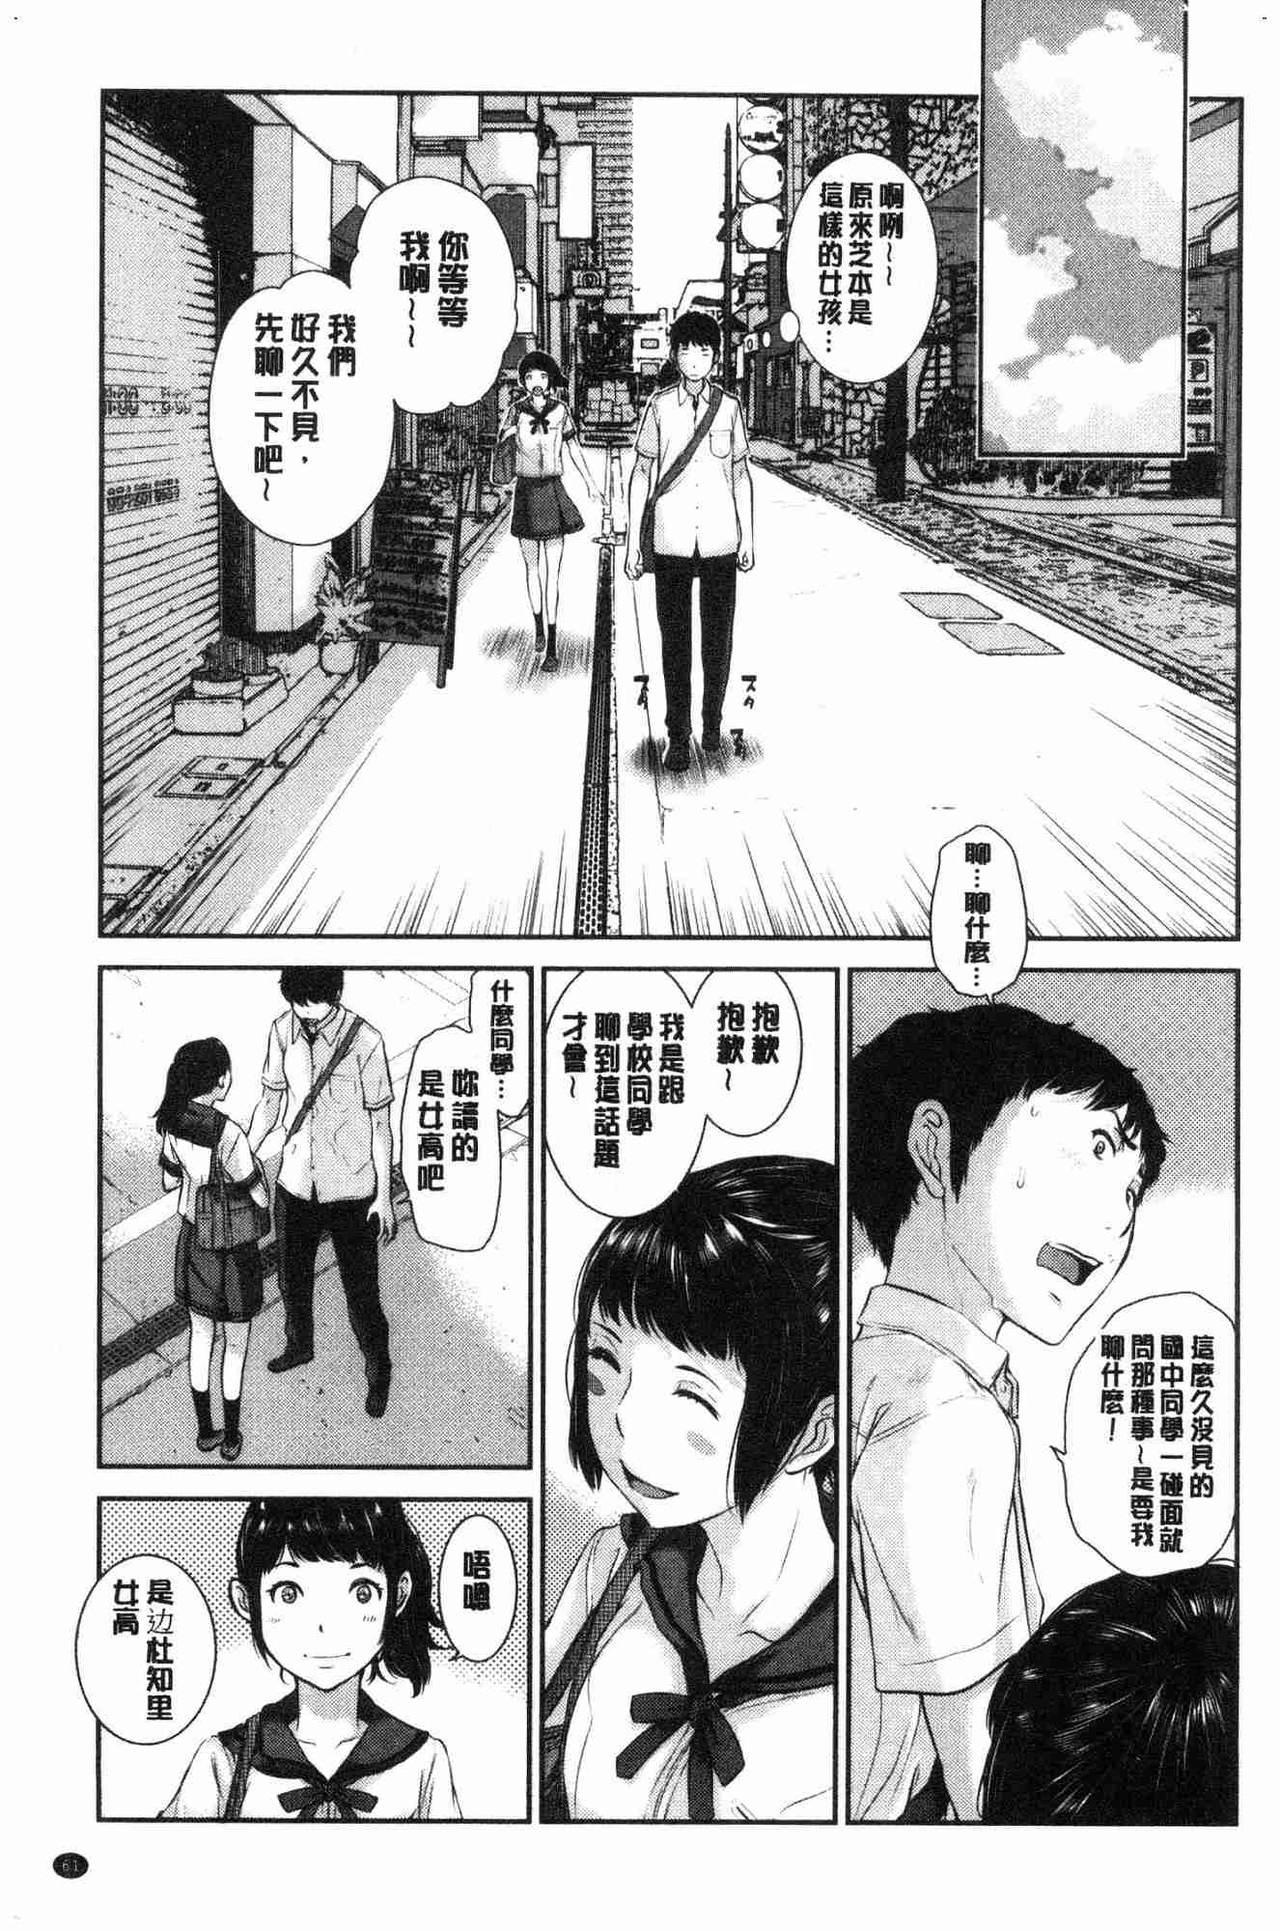 [Harazaki Takuma] Seifuku Shijou Shugi -Natsu- - Uniforms supremacy [Chinese] 61